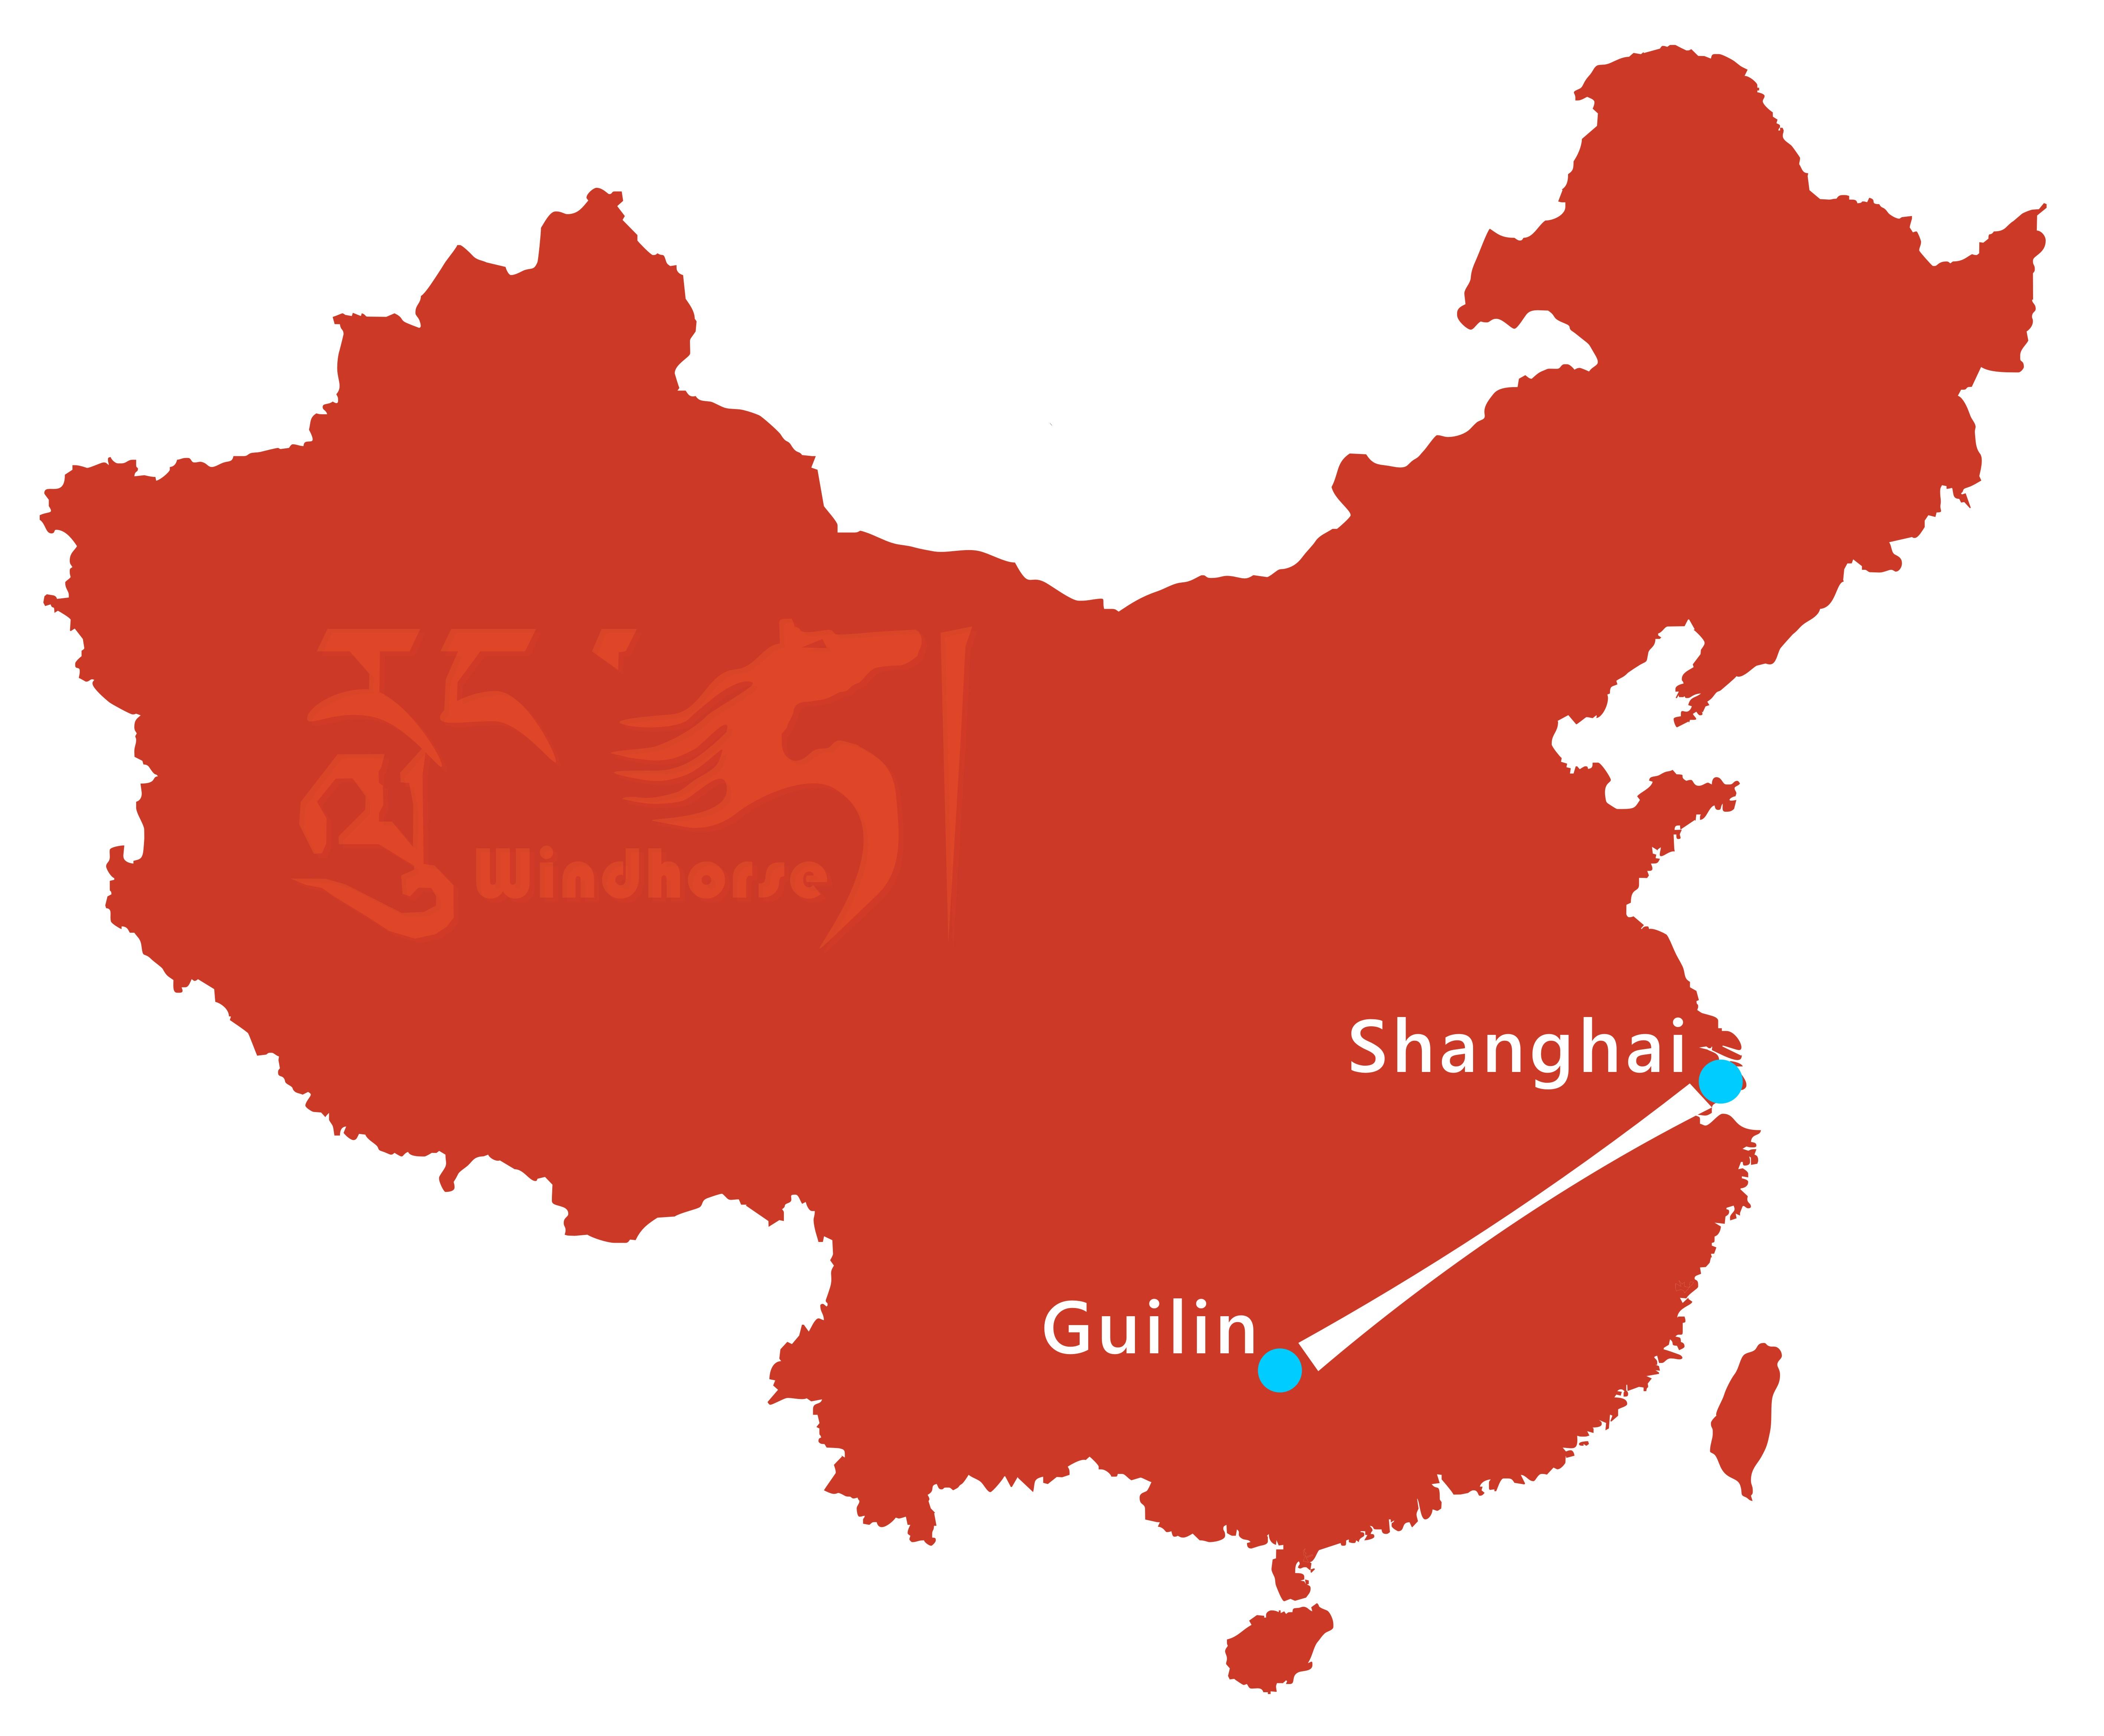 Shanghai Guilin Tour Route